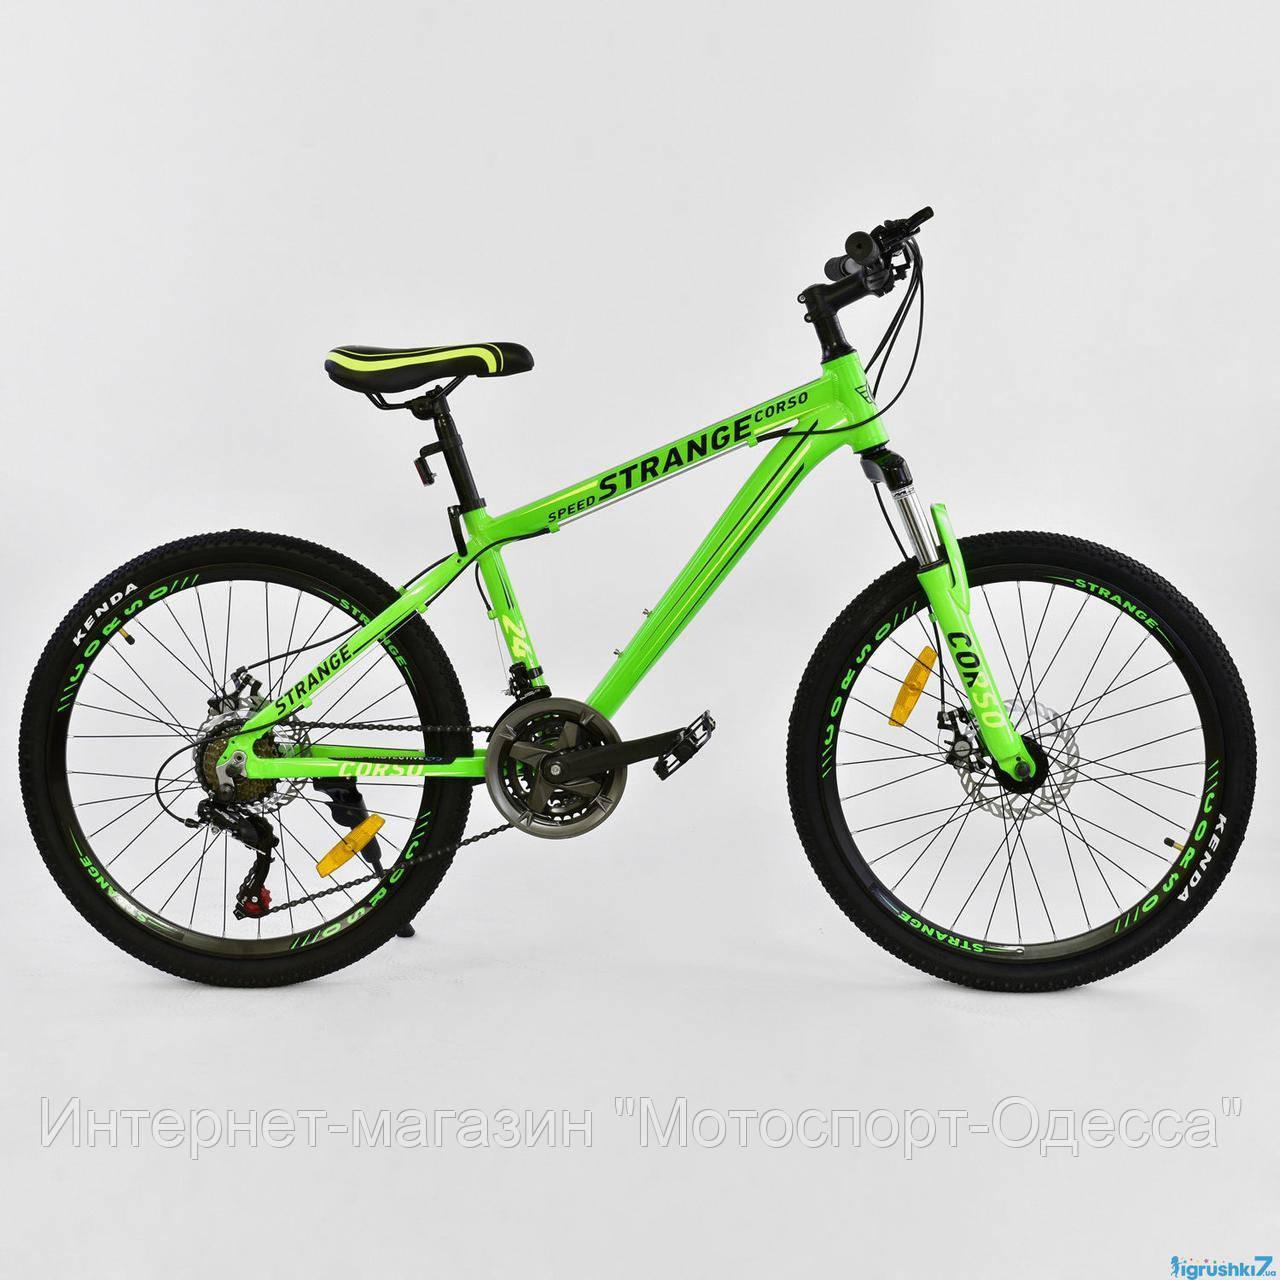 Подростковый алюминиевый спортивный велосипед 24 дюйма 13 рама  CORSO STRANGE, фото 1